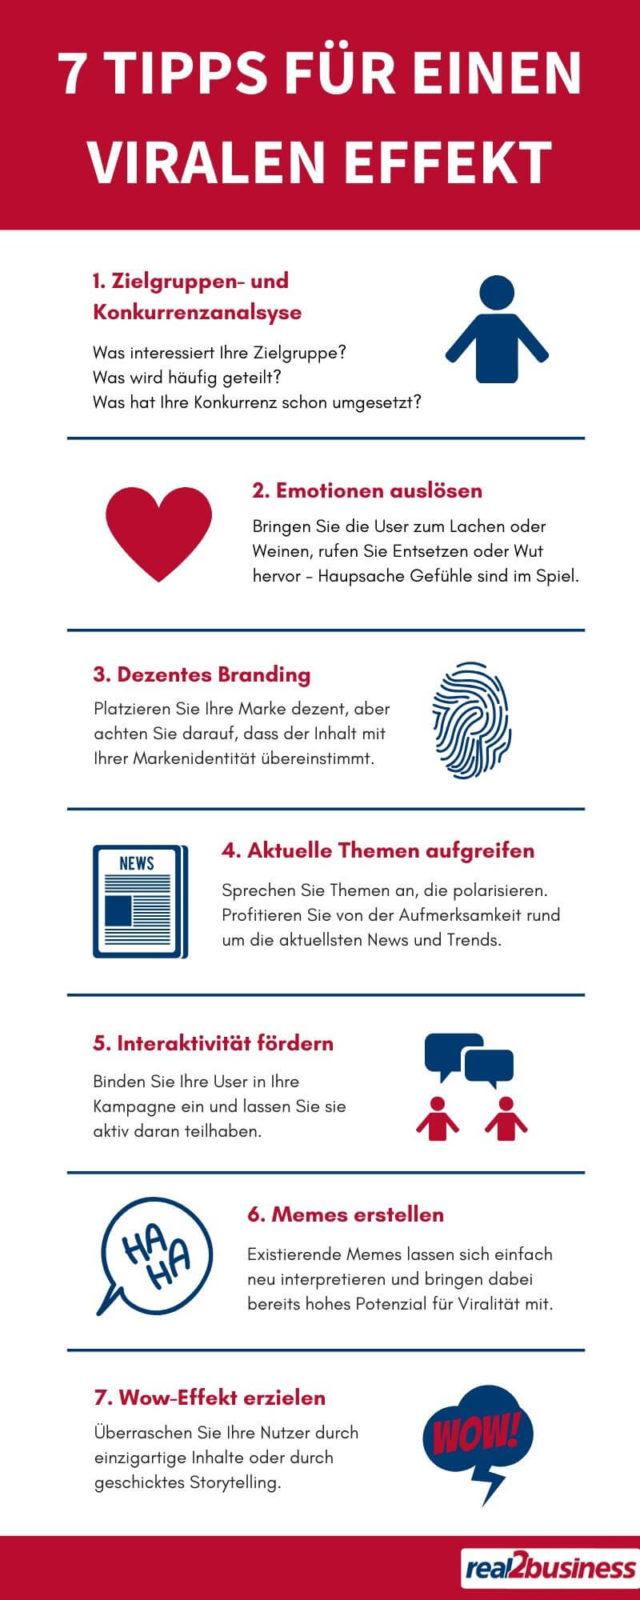 7 Tipps für virale Effekte